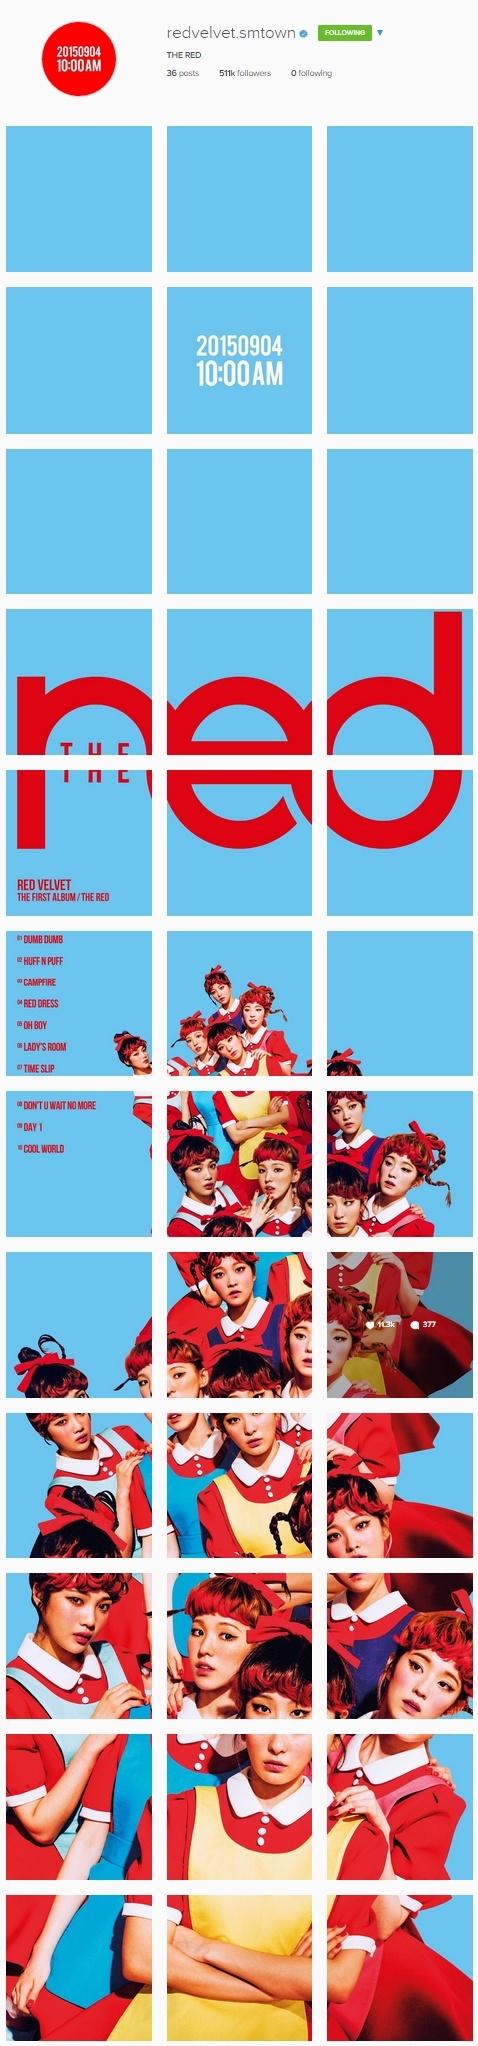 Red Velvet's Official Instagram